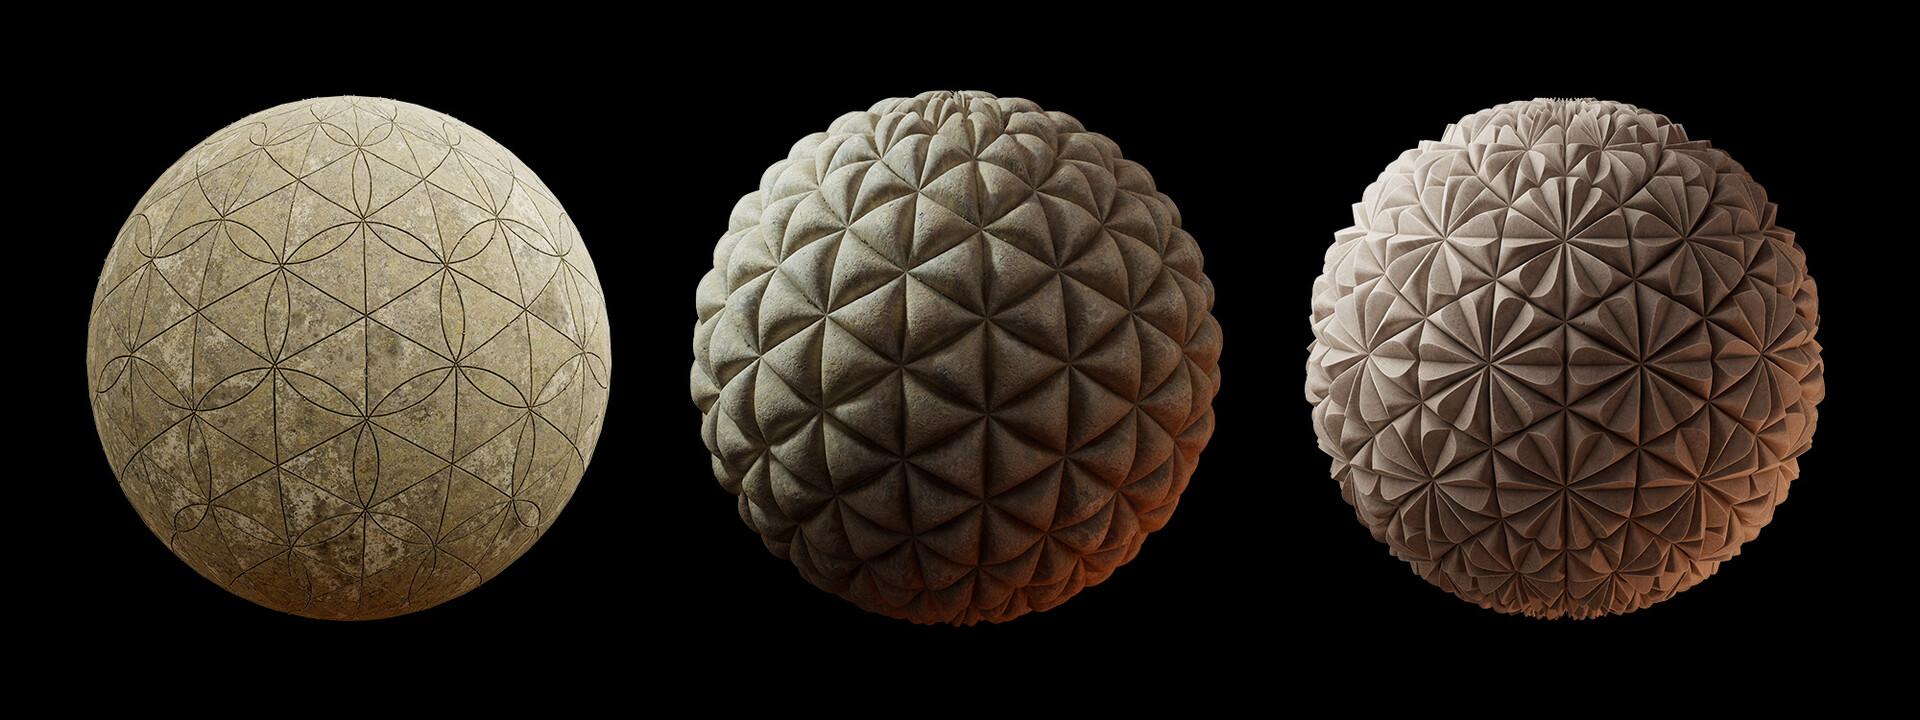 Ben wilson beauty 3 ball